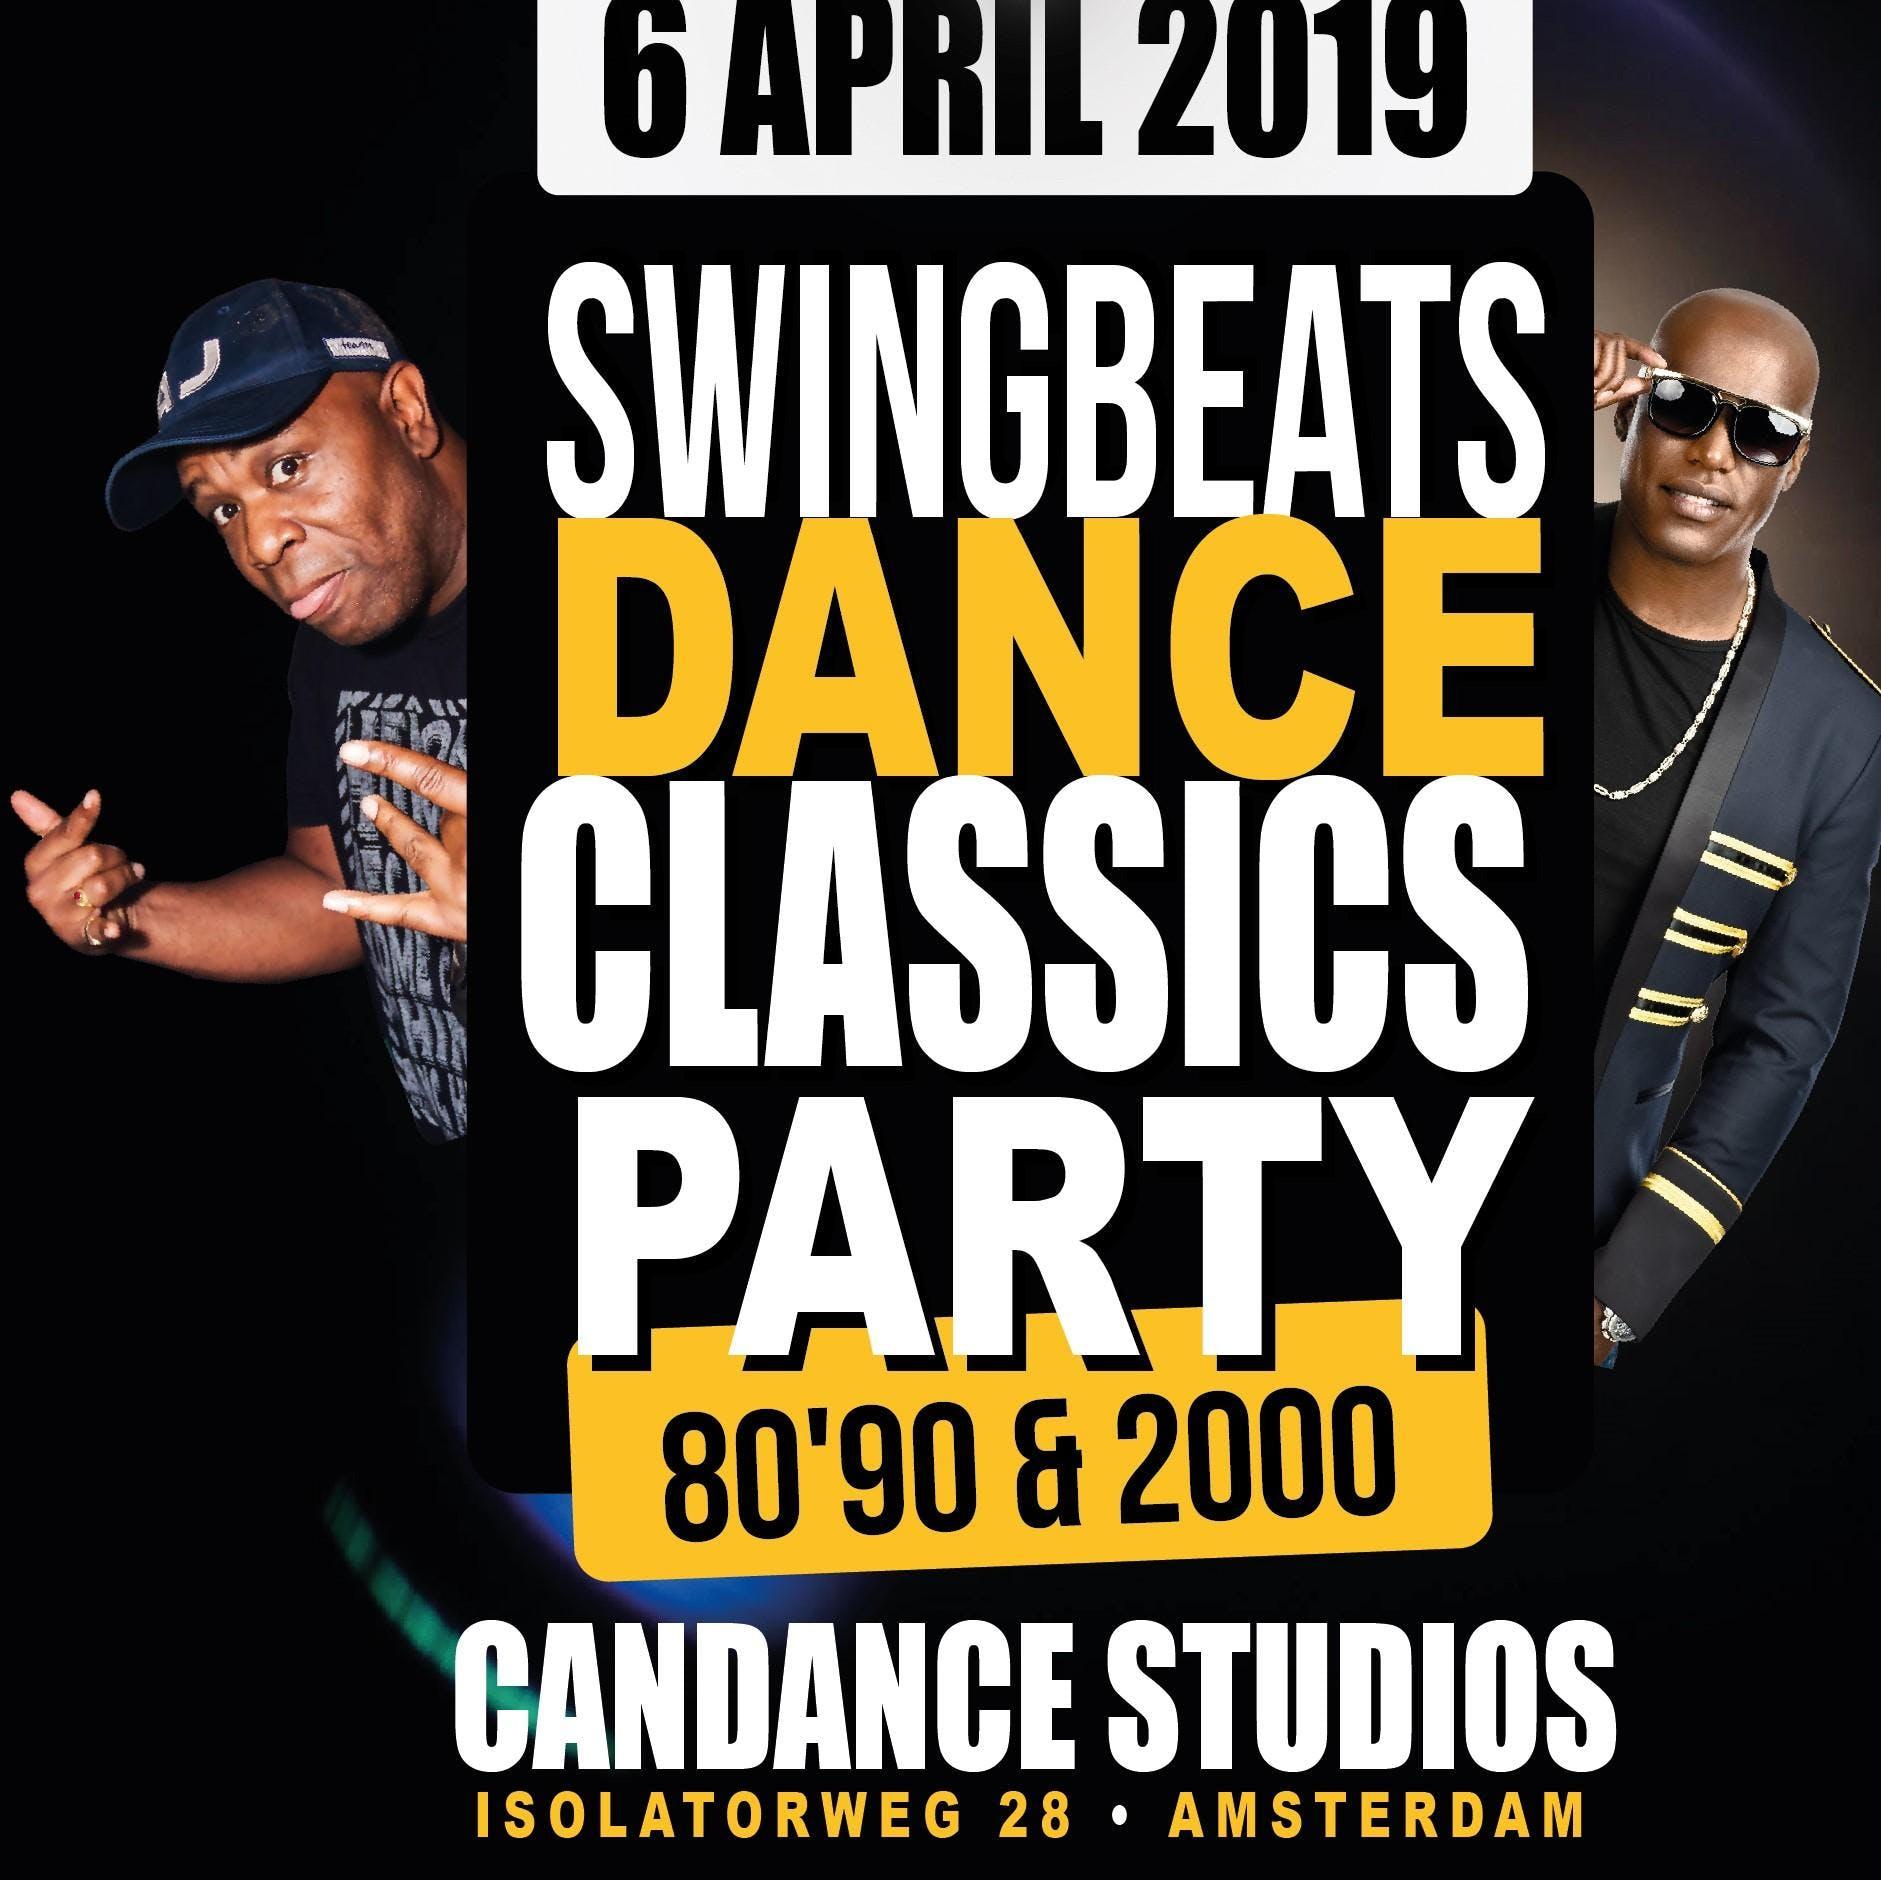 Swingbeats Dance Classics